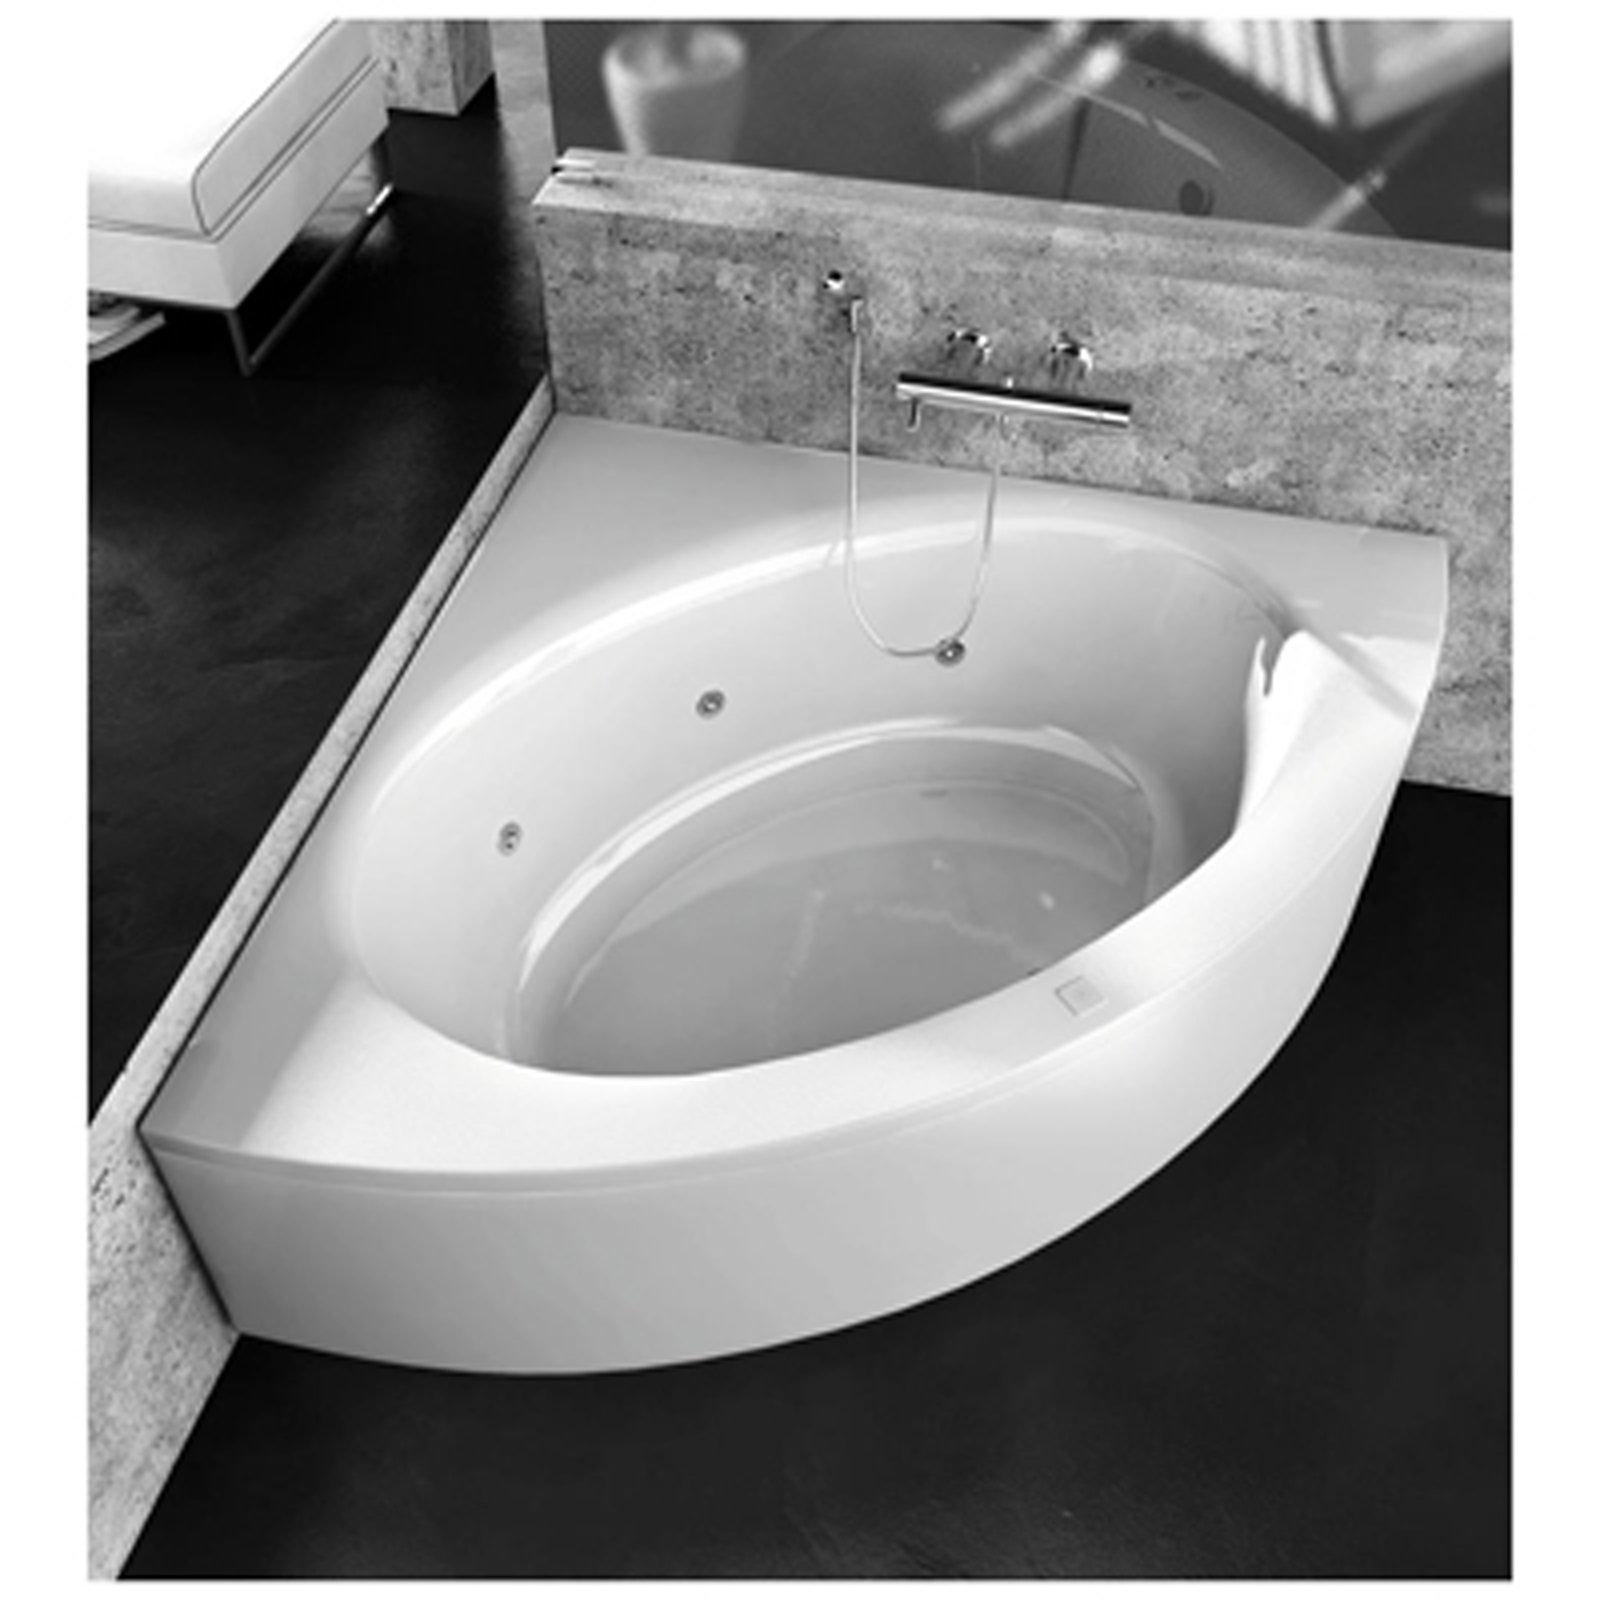 Vasca idromassaggio cosa serve per installarla cose di for Vasca per stagno